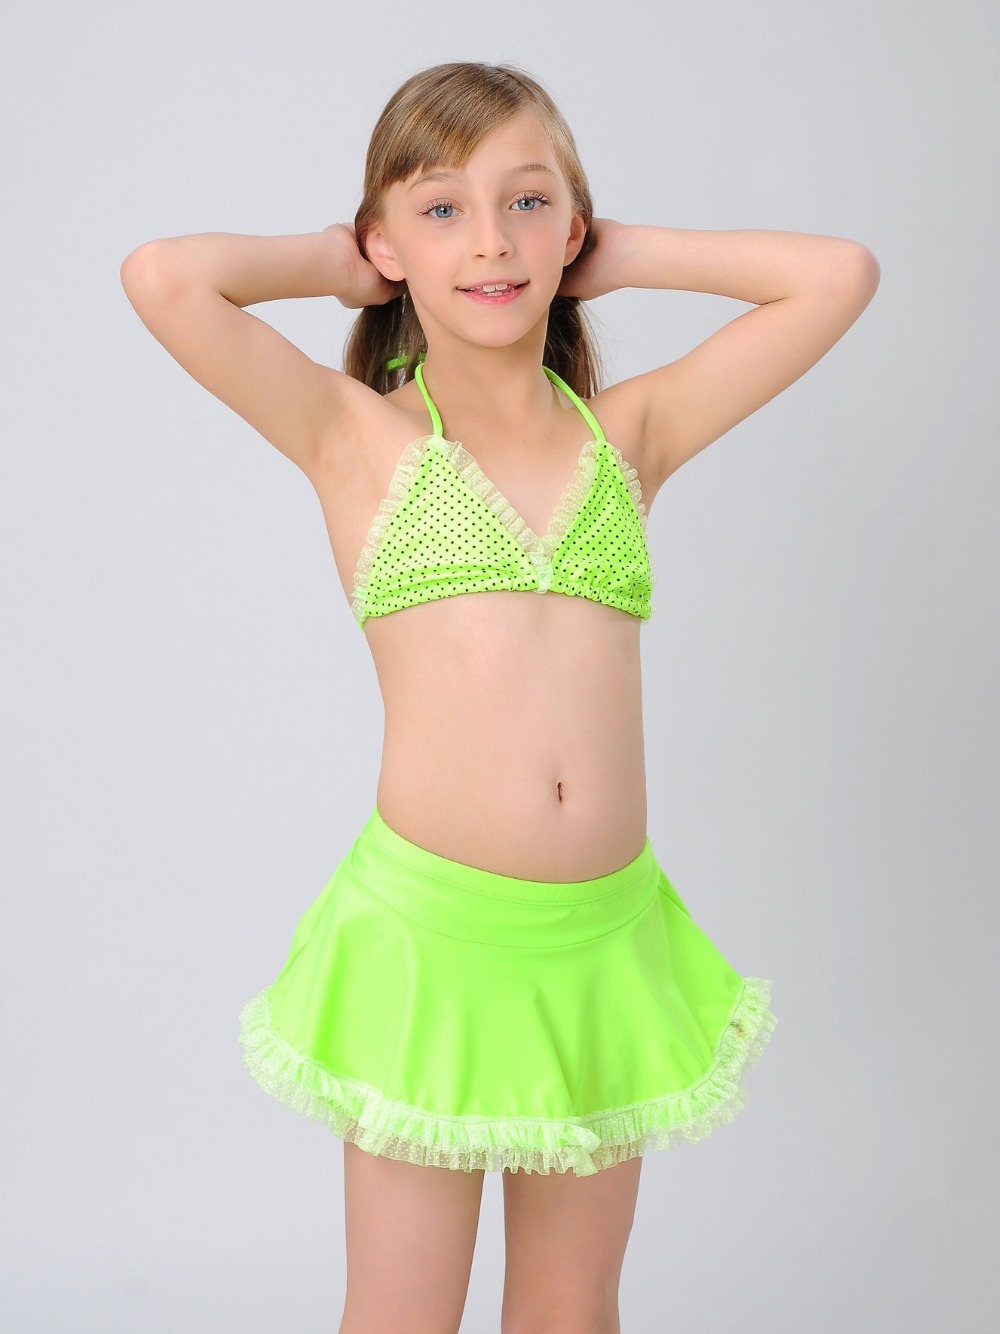 Lace Bathing Suit Top